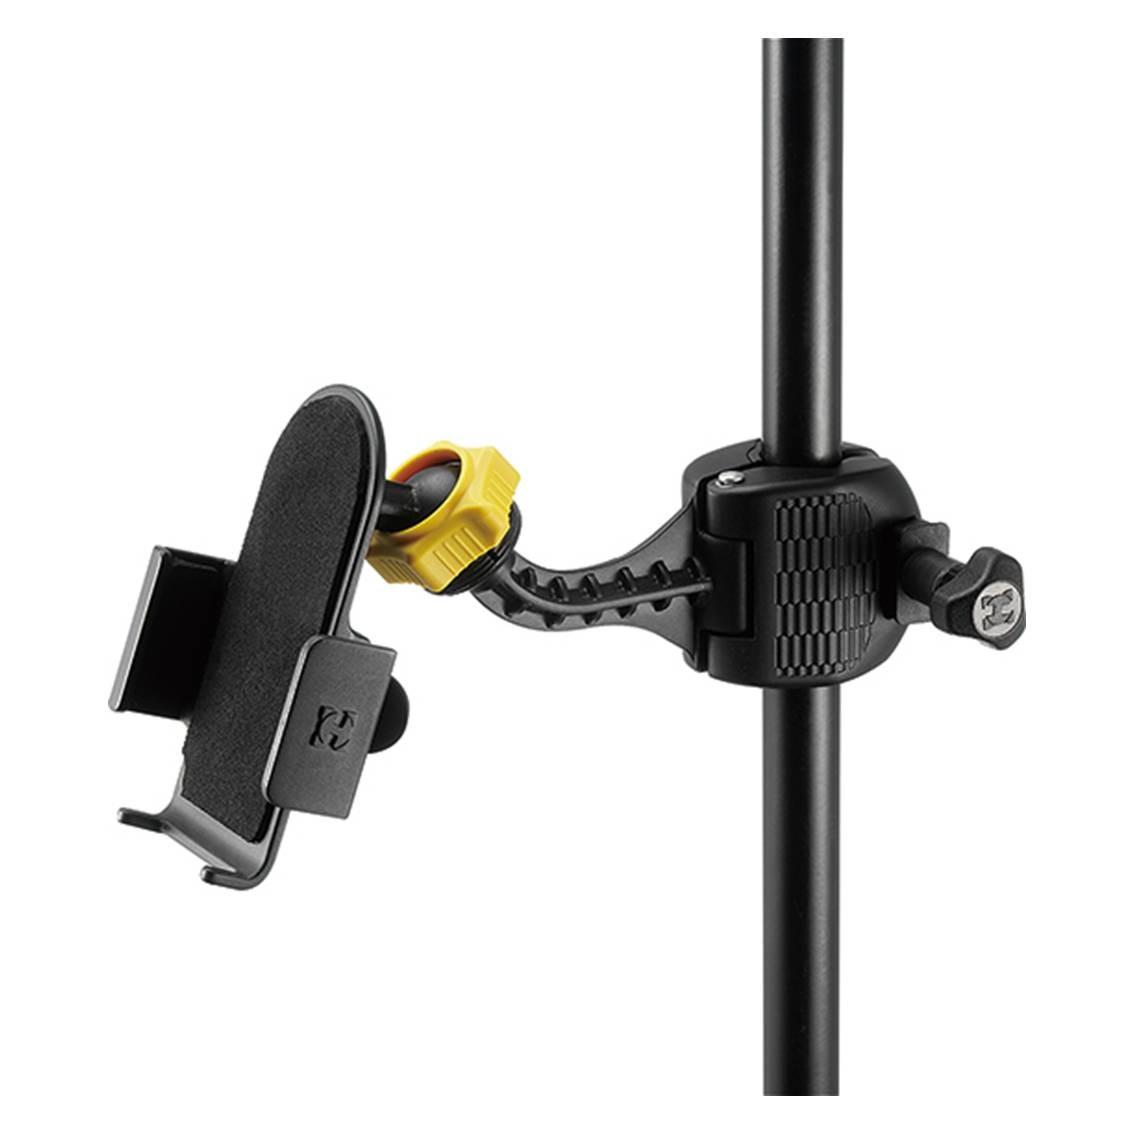 Imagem do produto Suporte para Smartphone com Ajuste Variável e Trava Hercules DG200B